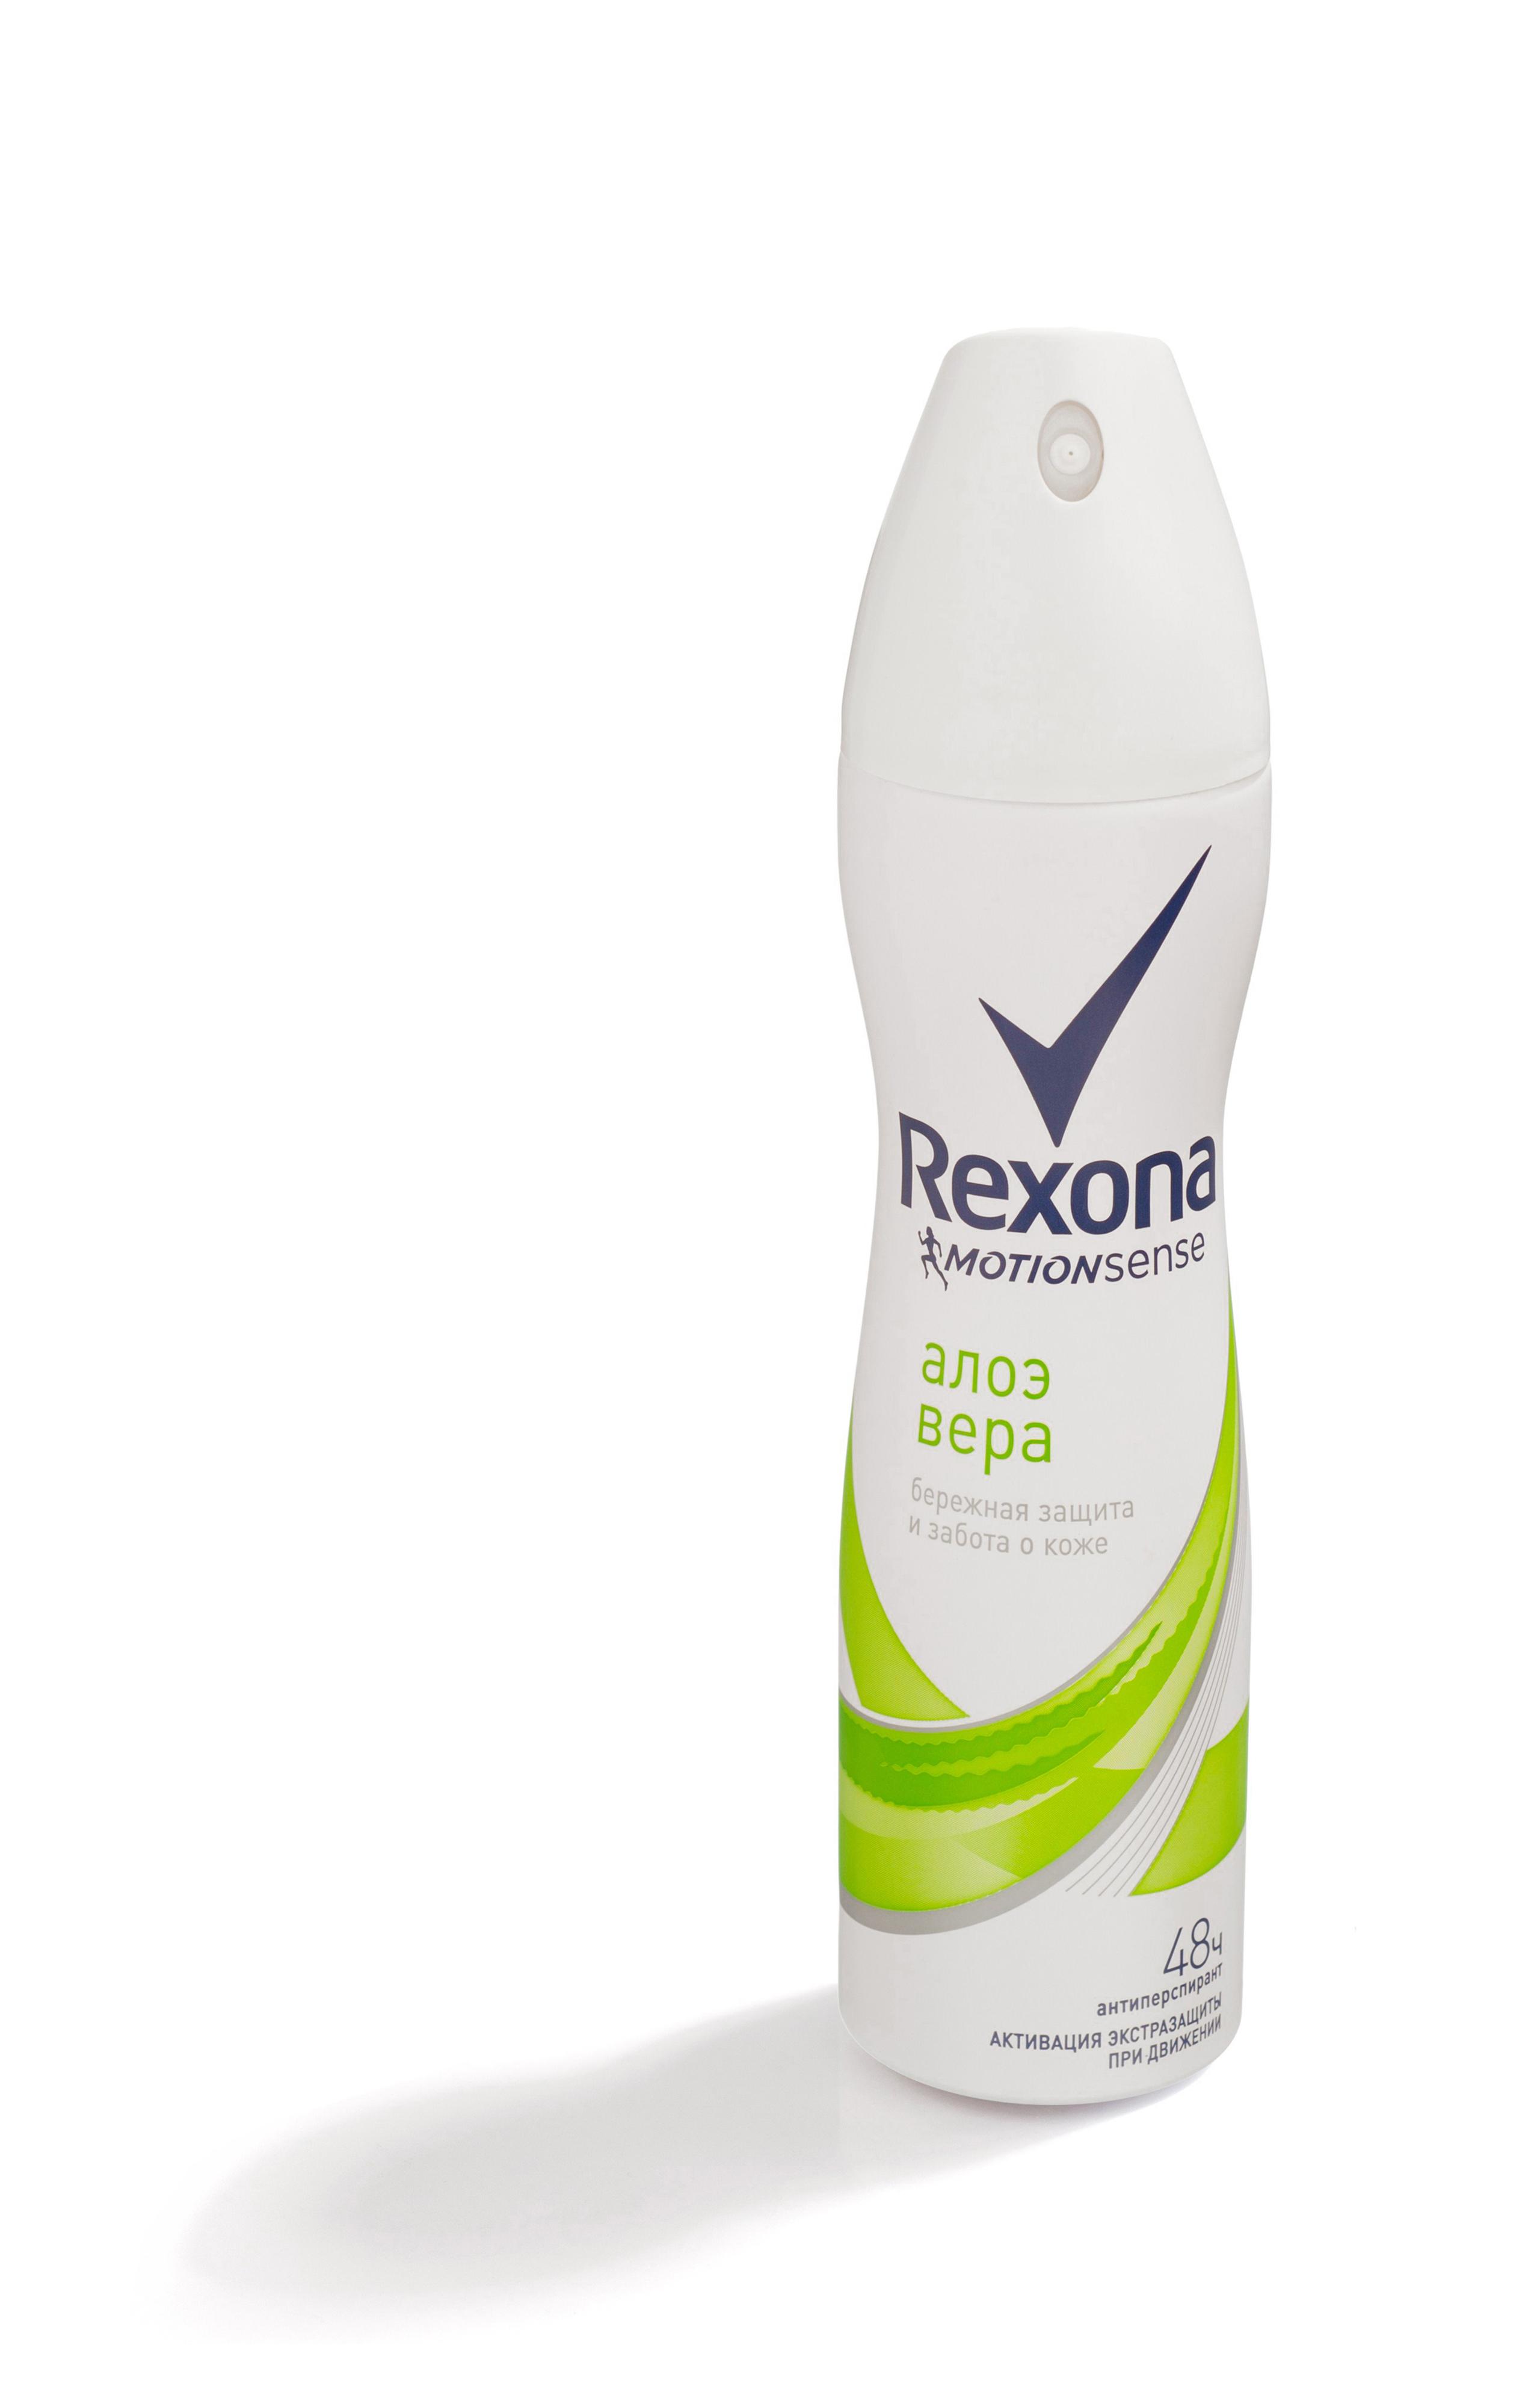 Rexona Motionsense Антиперспирант аэрозоль С экстрактом алоэ вера 150 мл